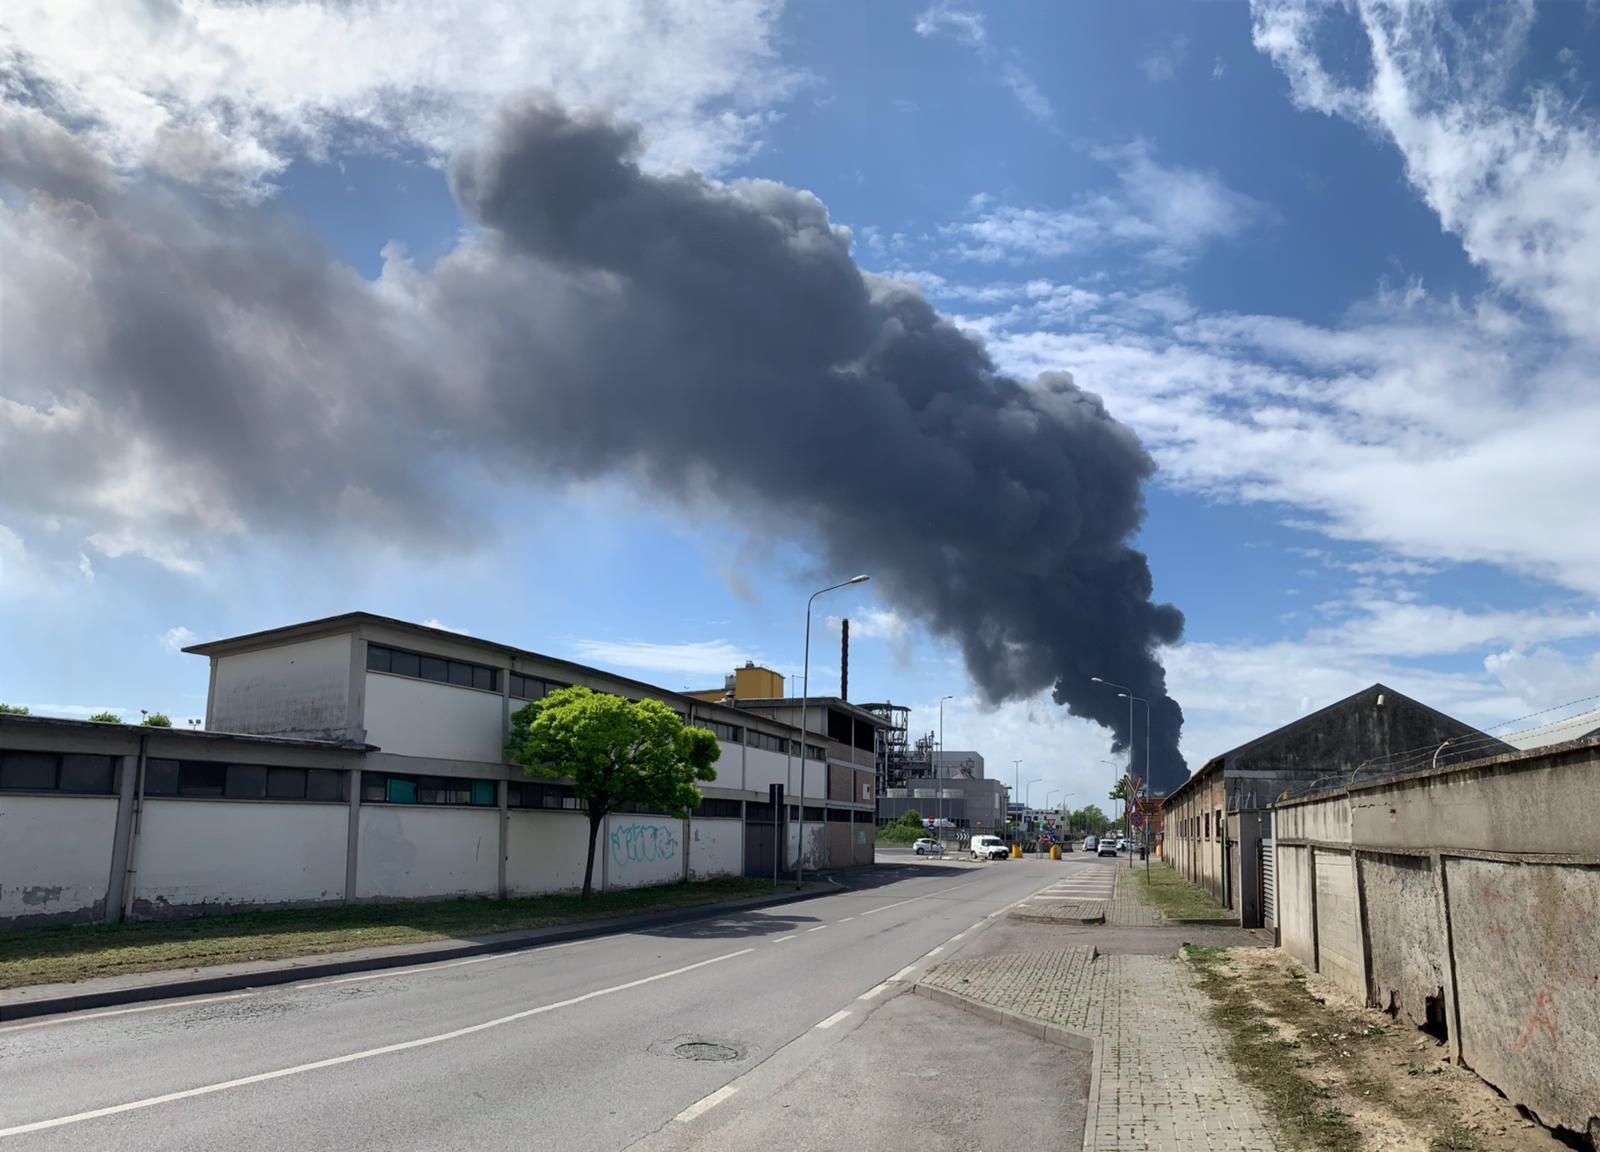 Incendio a Marghera, il comune di Venezia: tenete le finestre chiuse